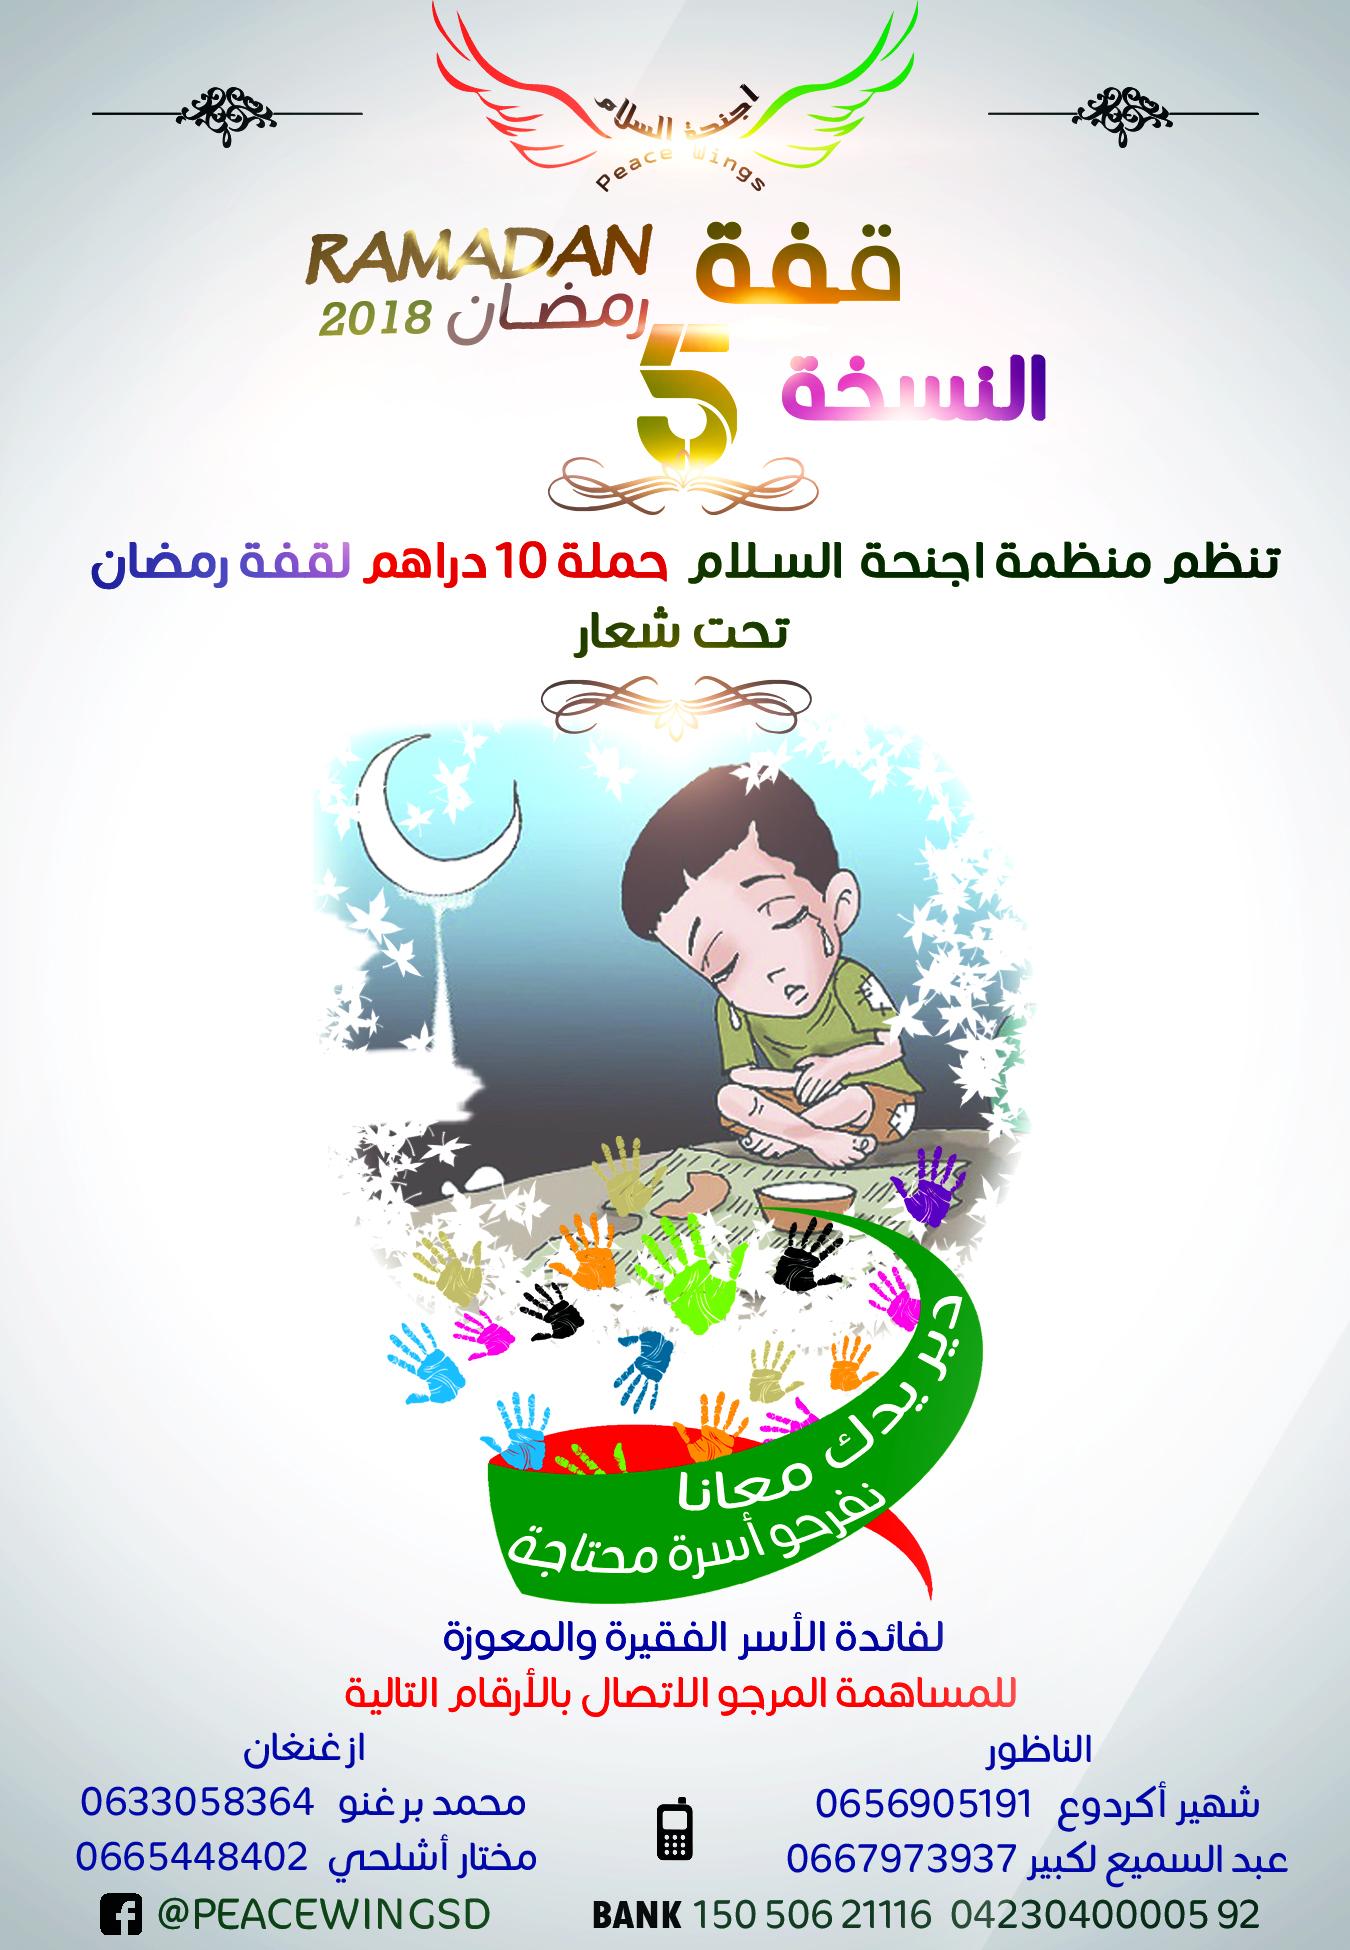 منظمة أجنحة السلام تنظم النسخة 5 من حملة 10 دراهم لقفة رمضان2018